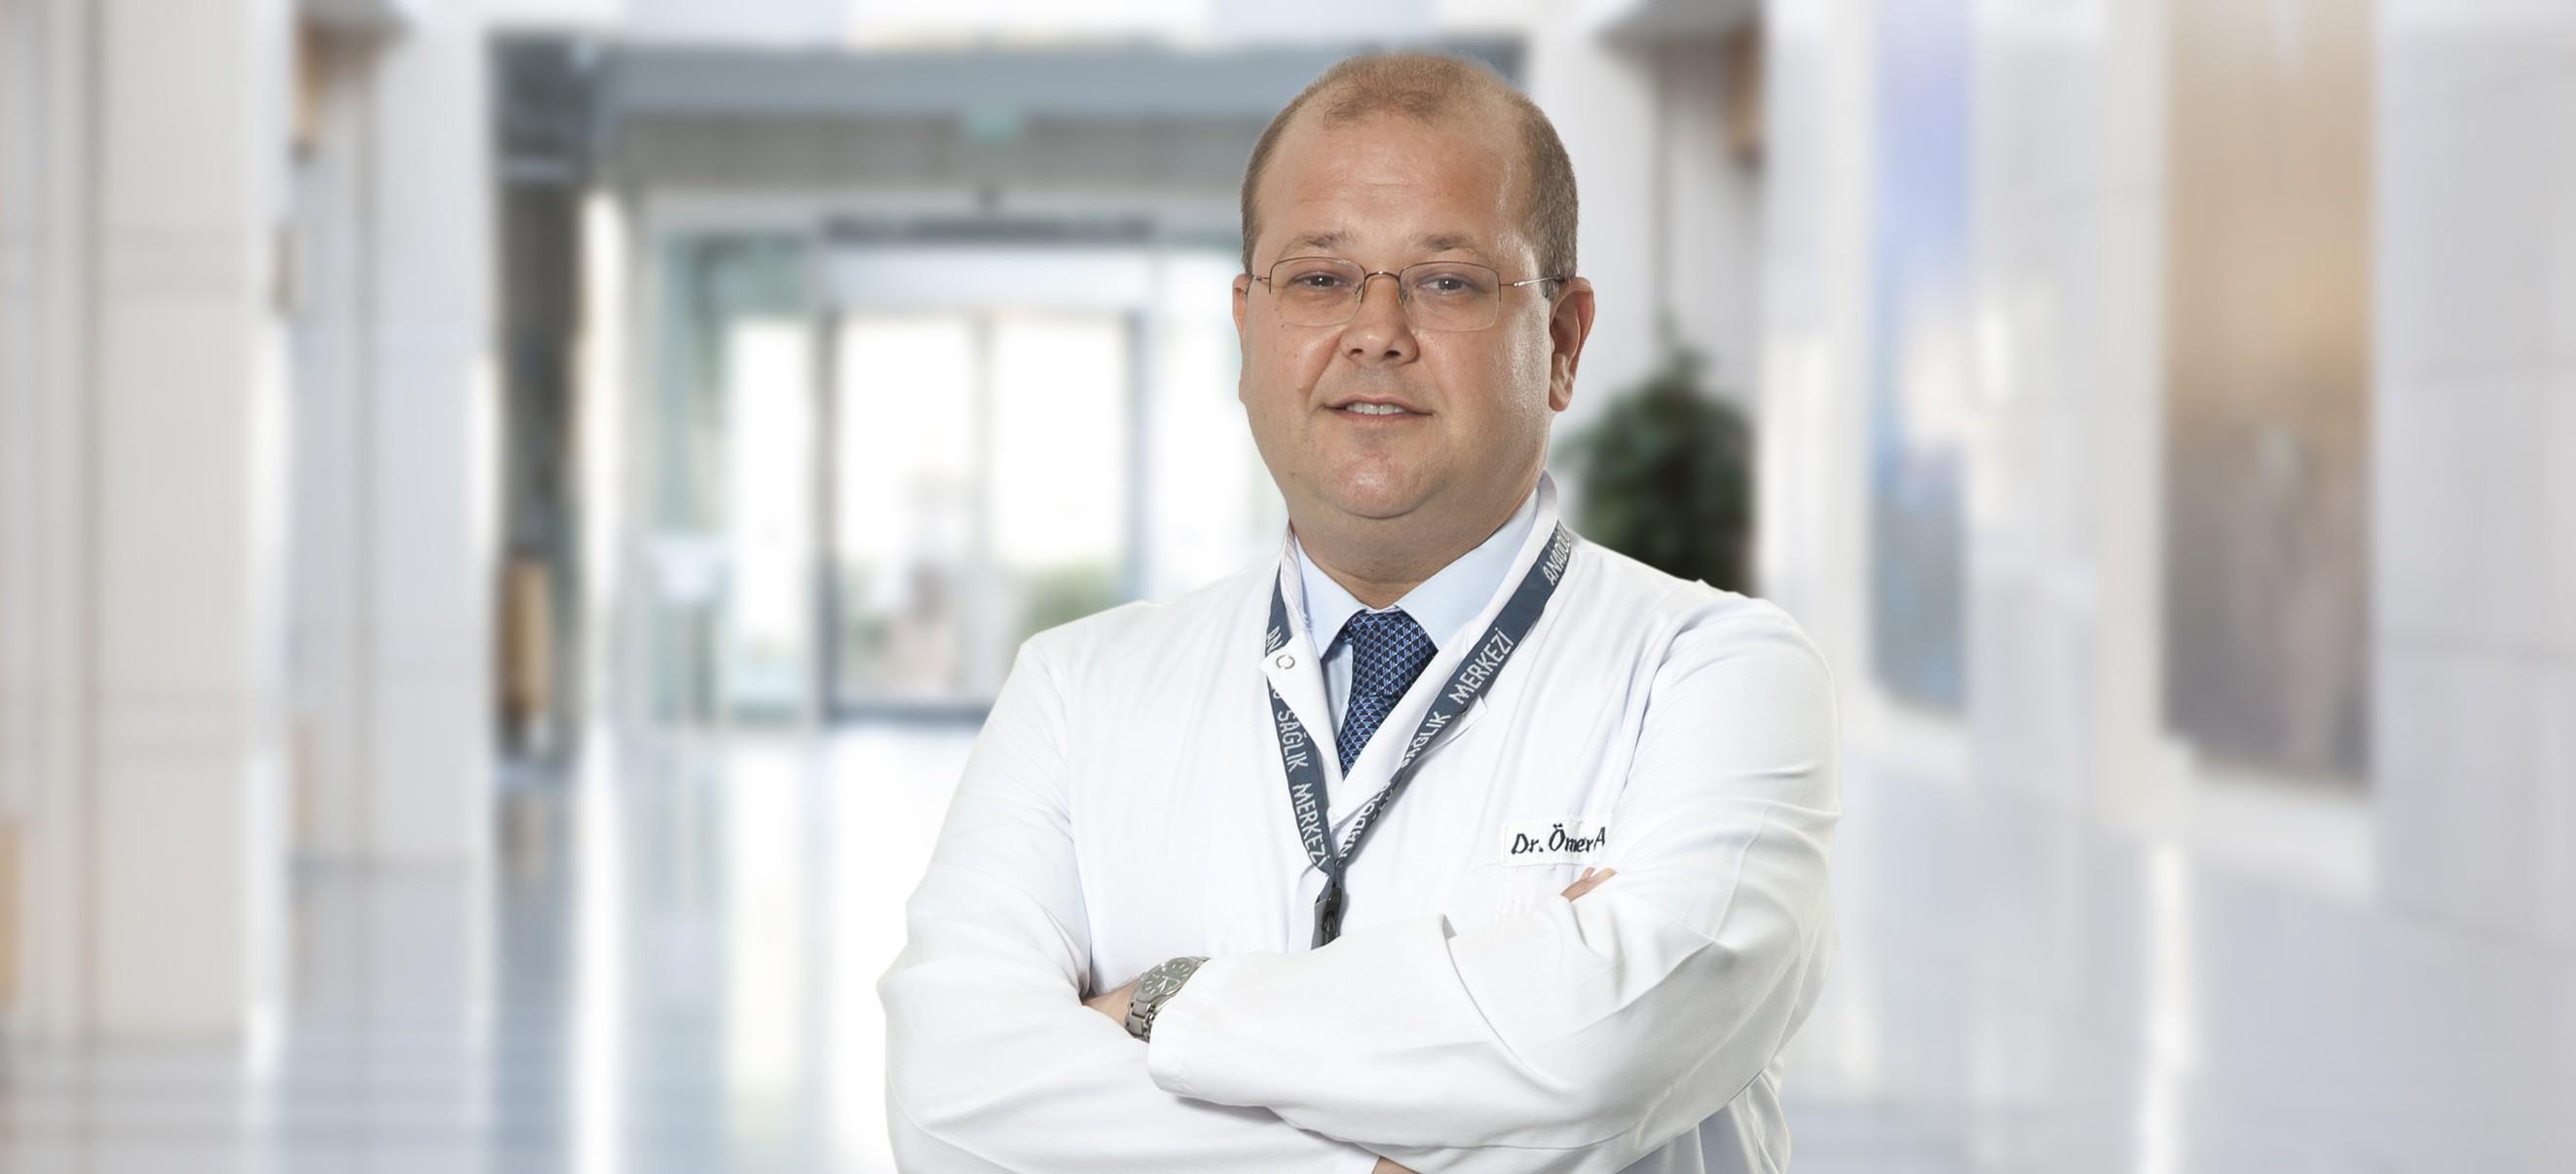 Омер Айдынер — квалифицированная помощь в медицинском центре Anadolu